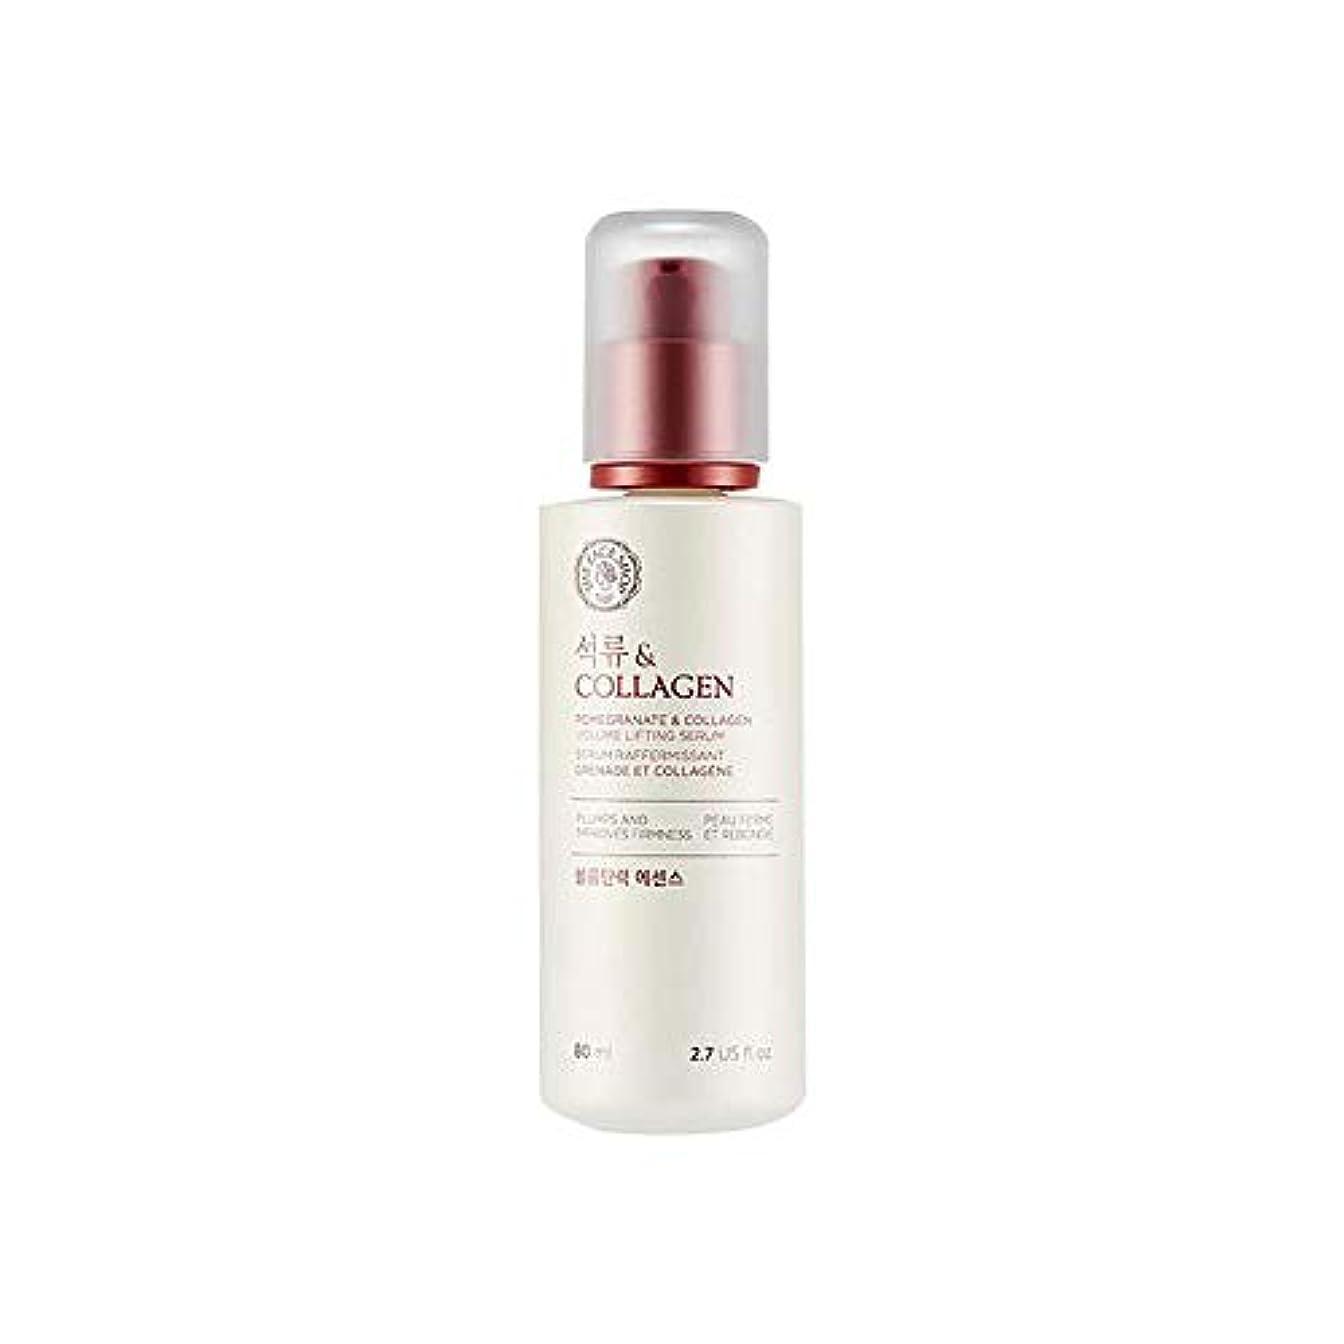 注ぎます天窓文明[ザ·フェイスショップ] The Face Shop ザクロアンドコラーゲン弾力エッセンス(80ml) The Face Shop Pomegranate and Collagen Volume Lifting Essence...